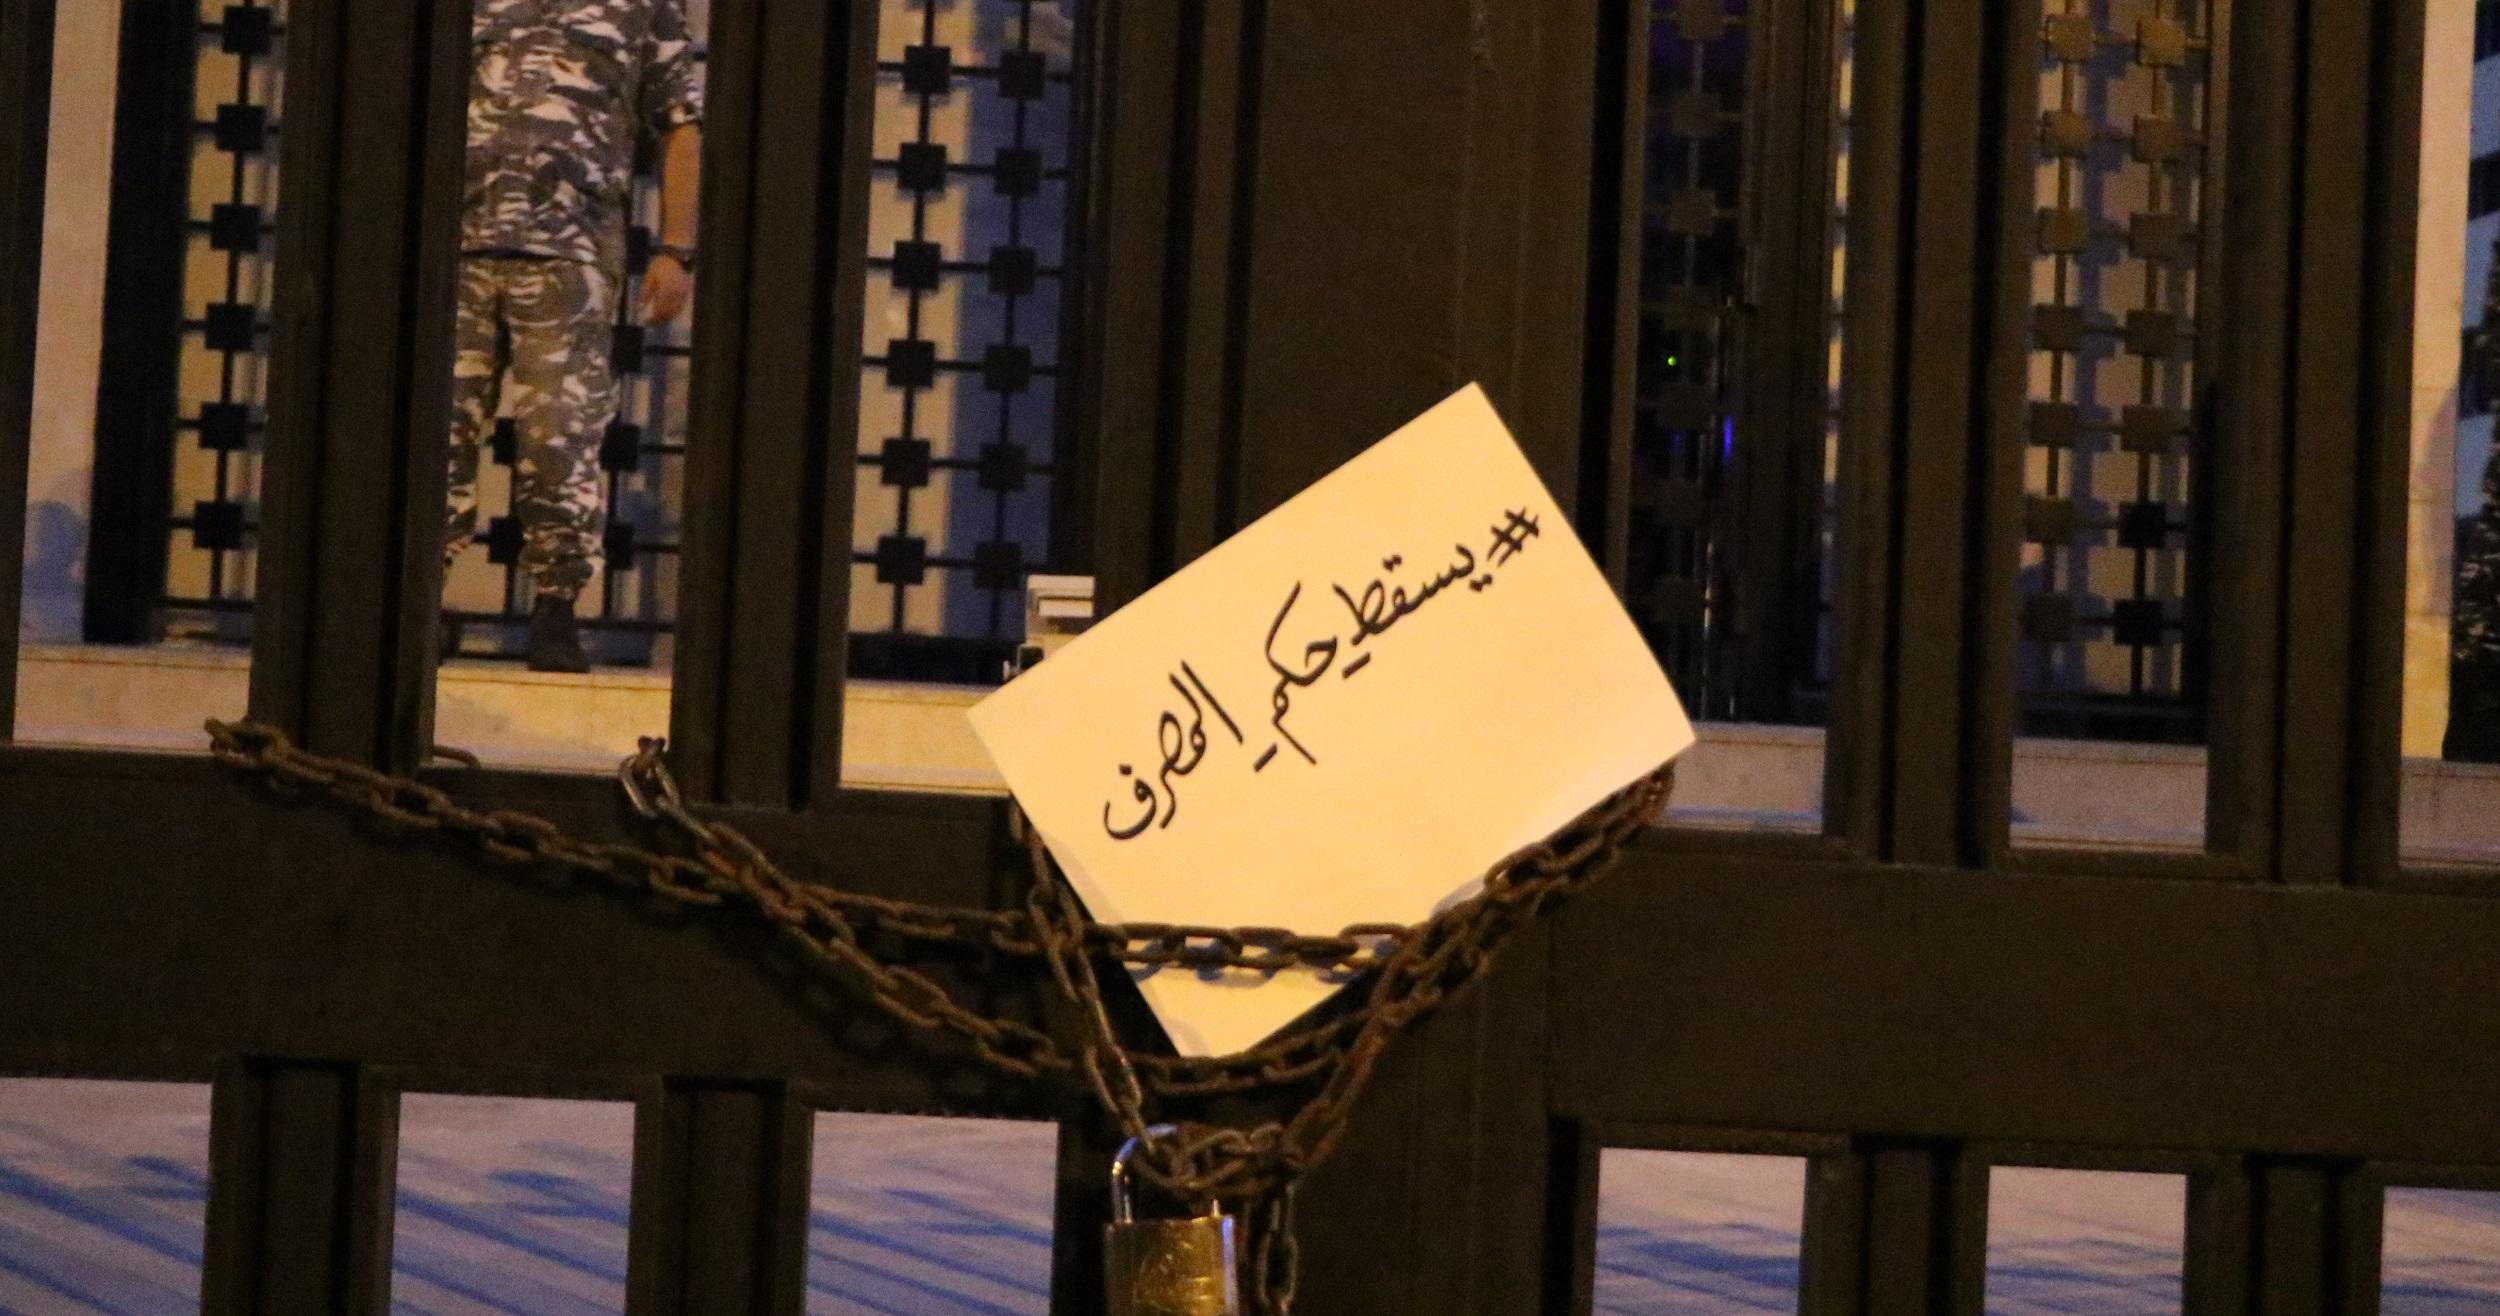 إقتراحات تعديل نظام مصرف لبنان: تقصير ولاية الحاكم وتخفيض عدد نوابه